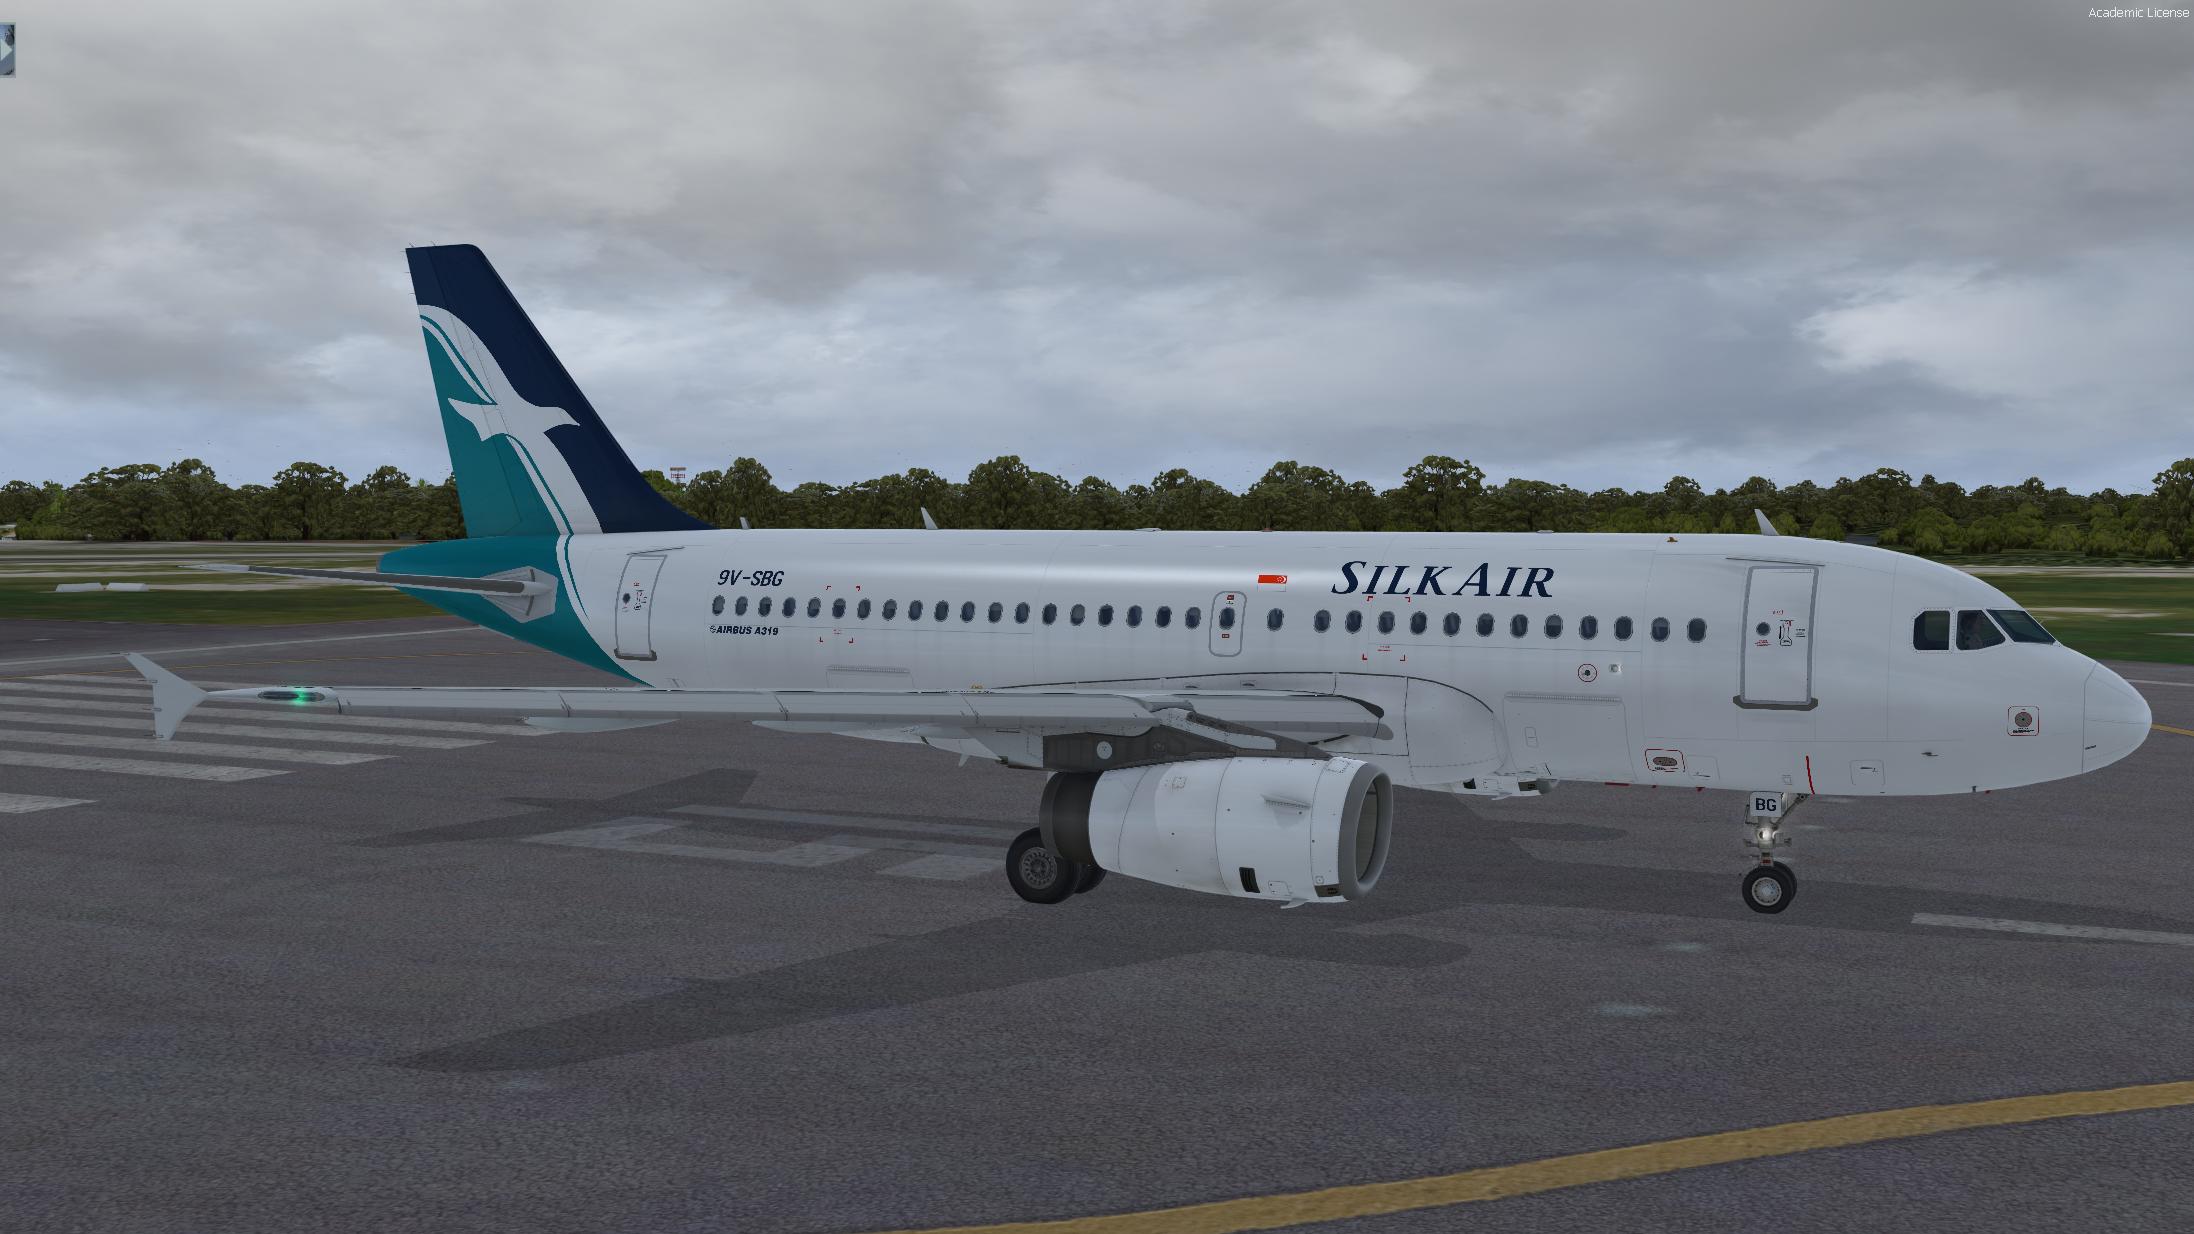 Airbus A319-133 IAE Silkair 9V-SBG